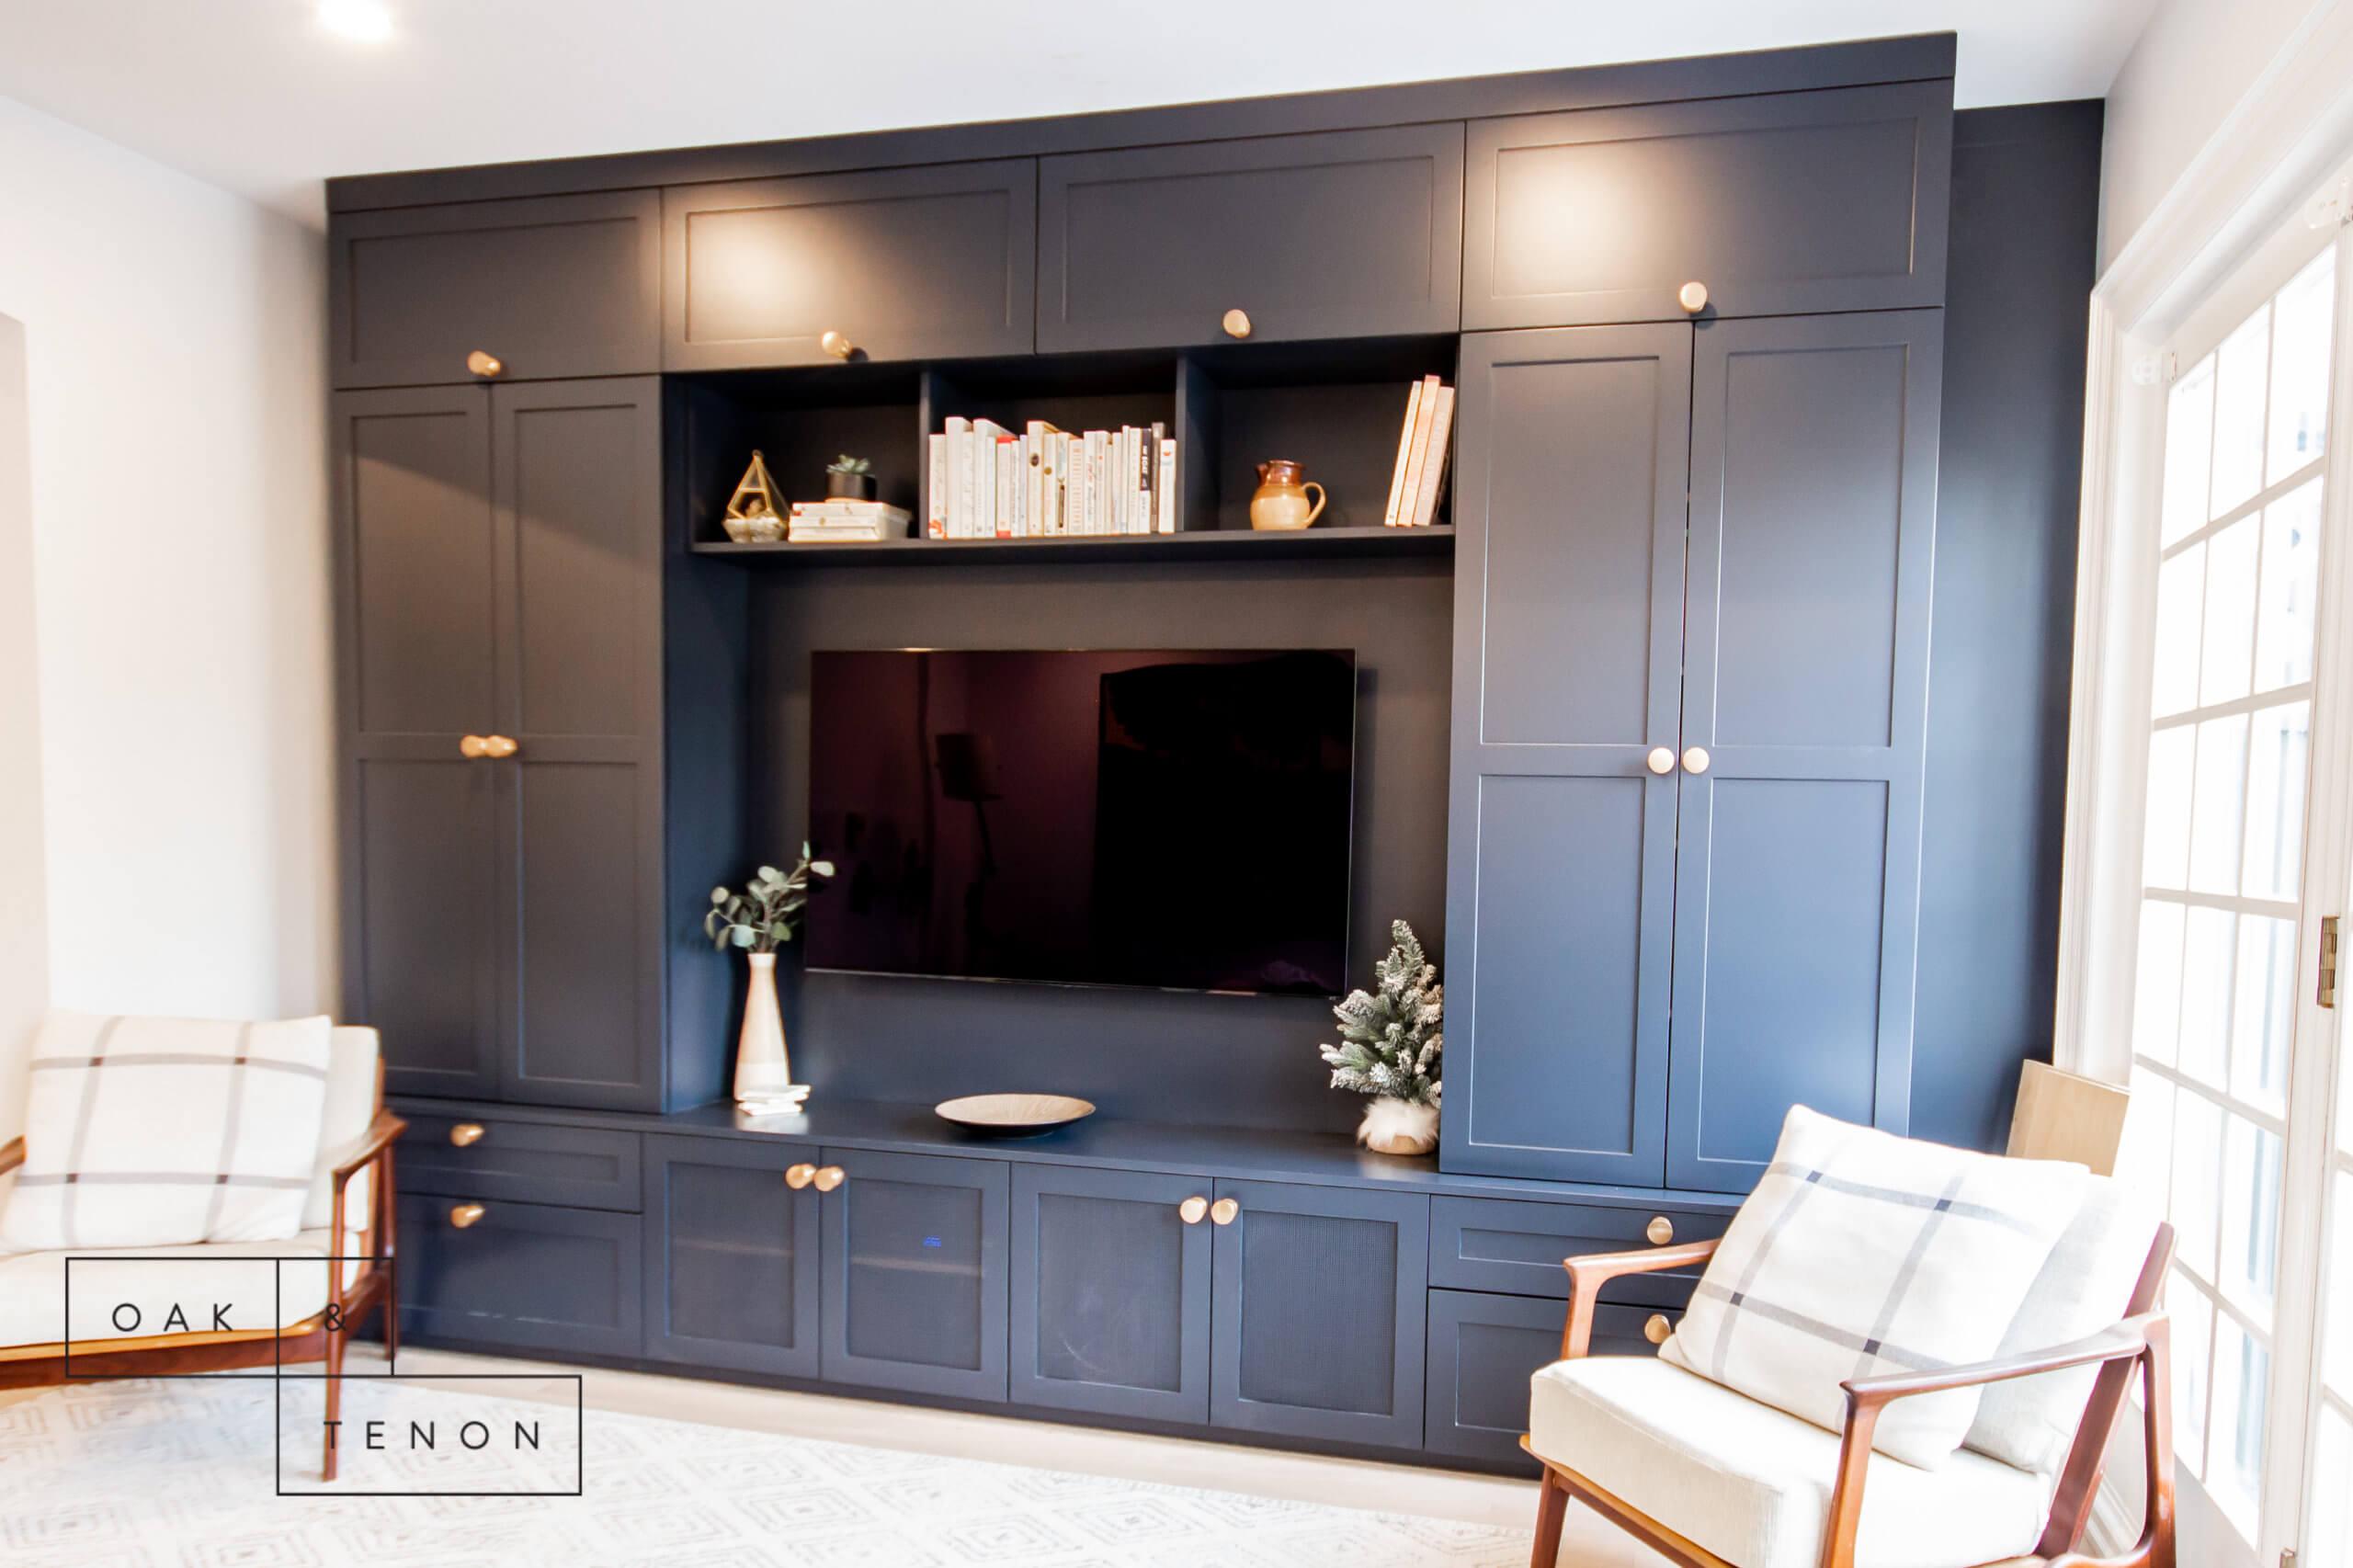 Oak + Tenon Improve Canada